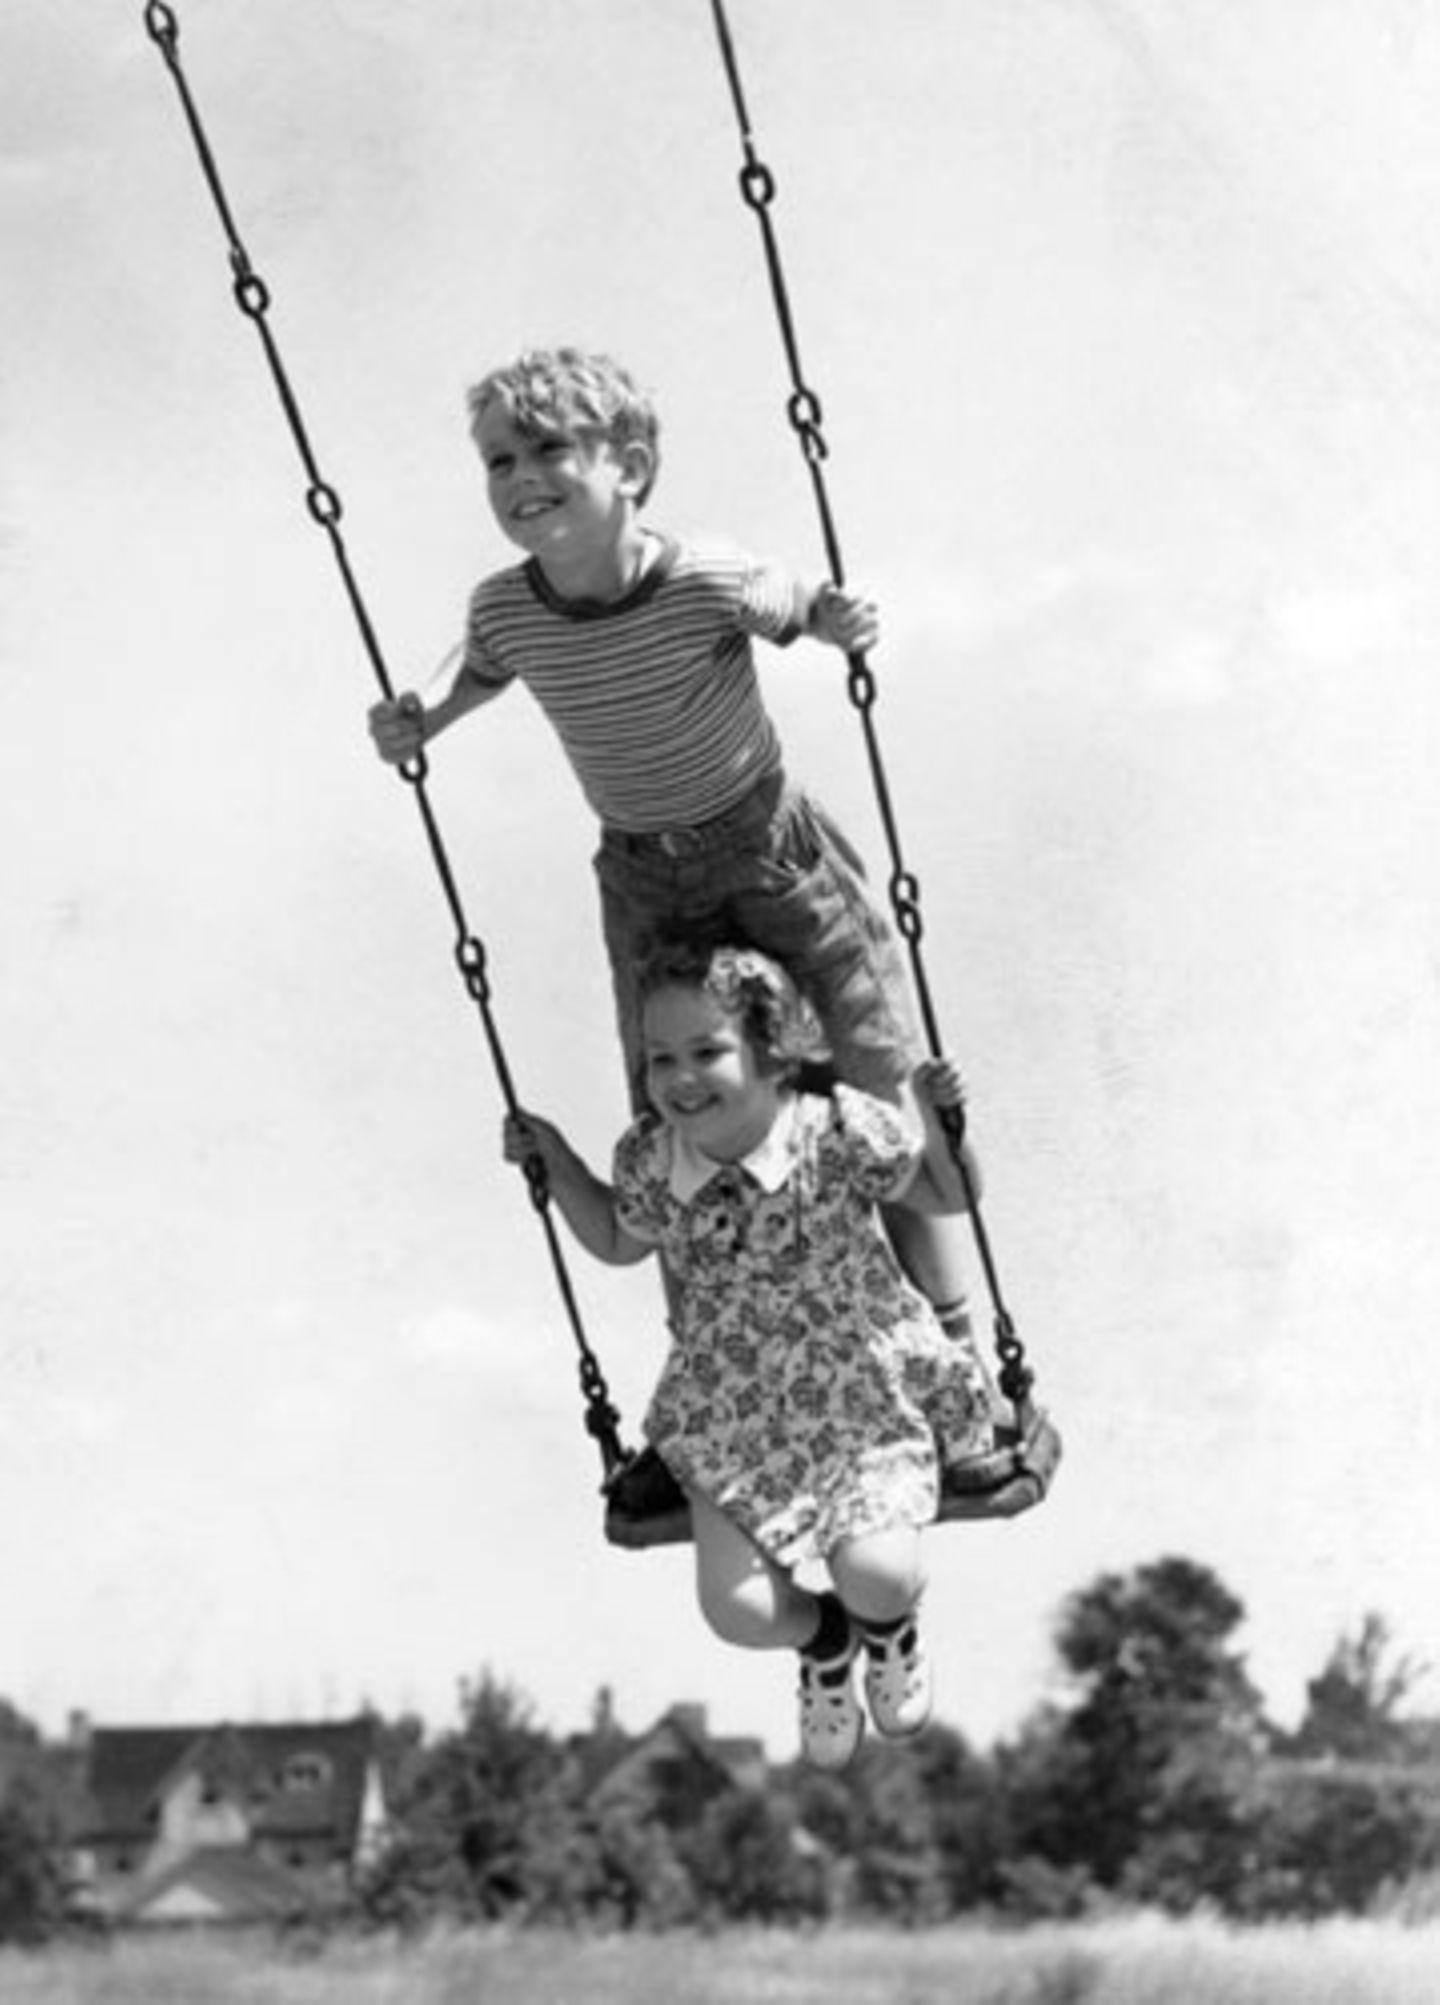 1930: Swing Kids